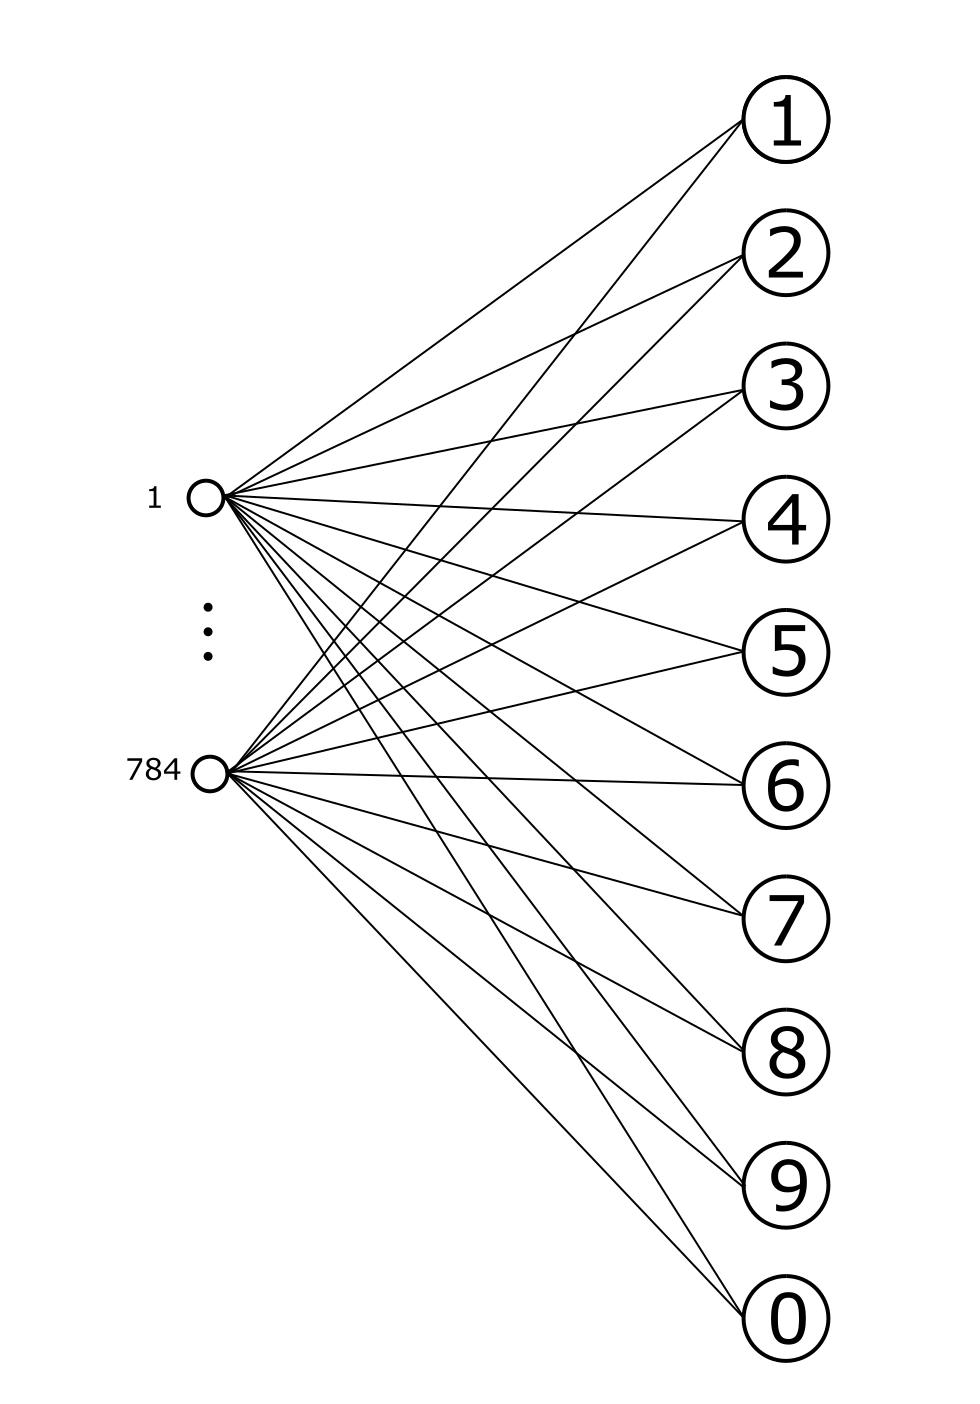 Логика сознания. Часть 9. Искусственные нейронные сети и миниколонки реальной коры - 12